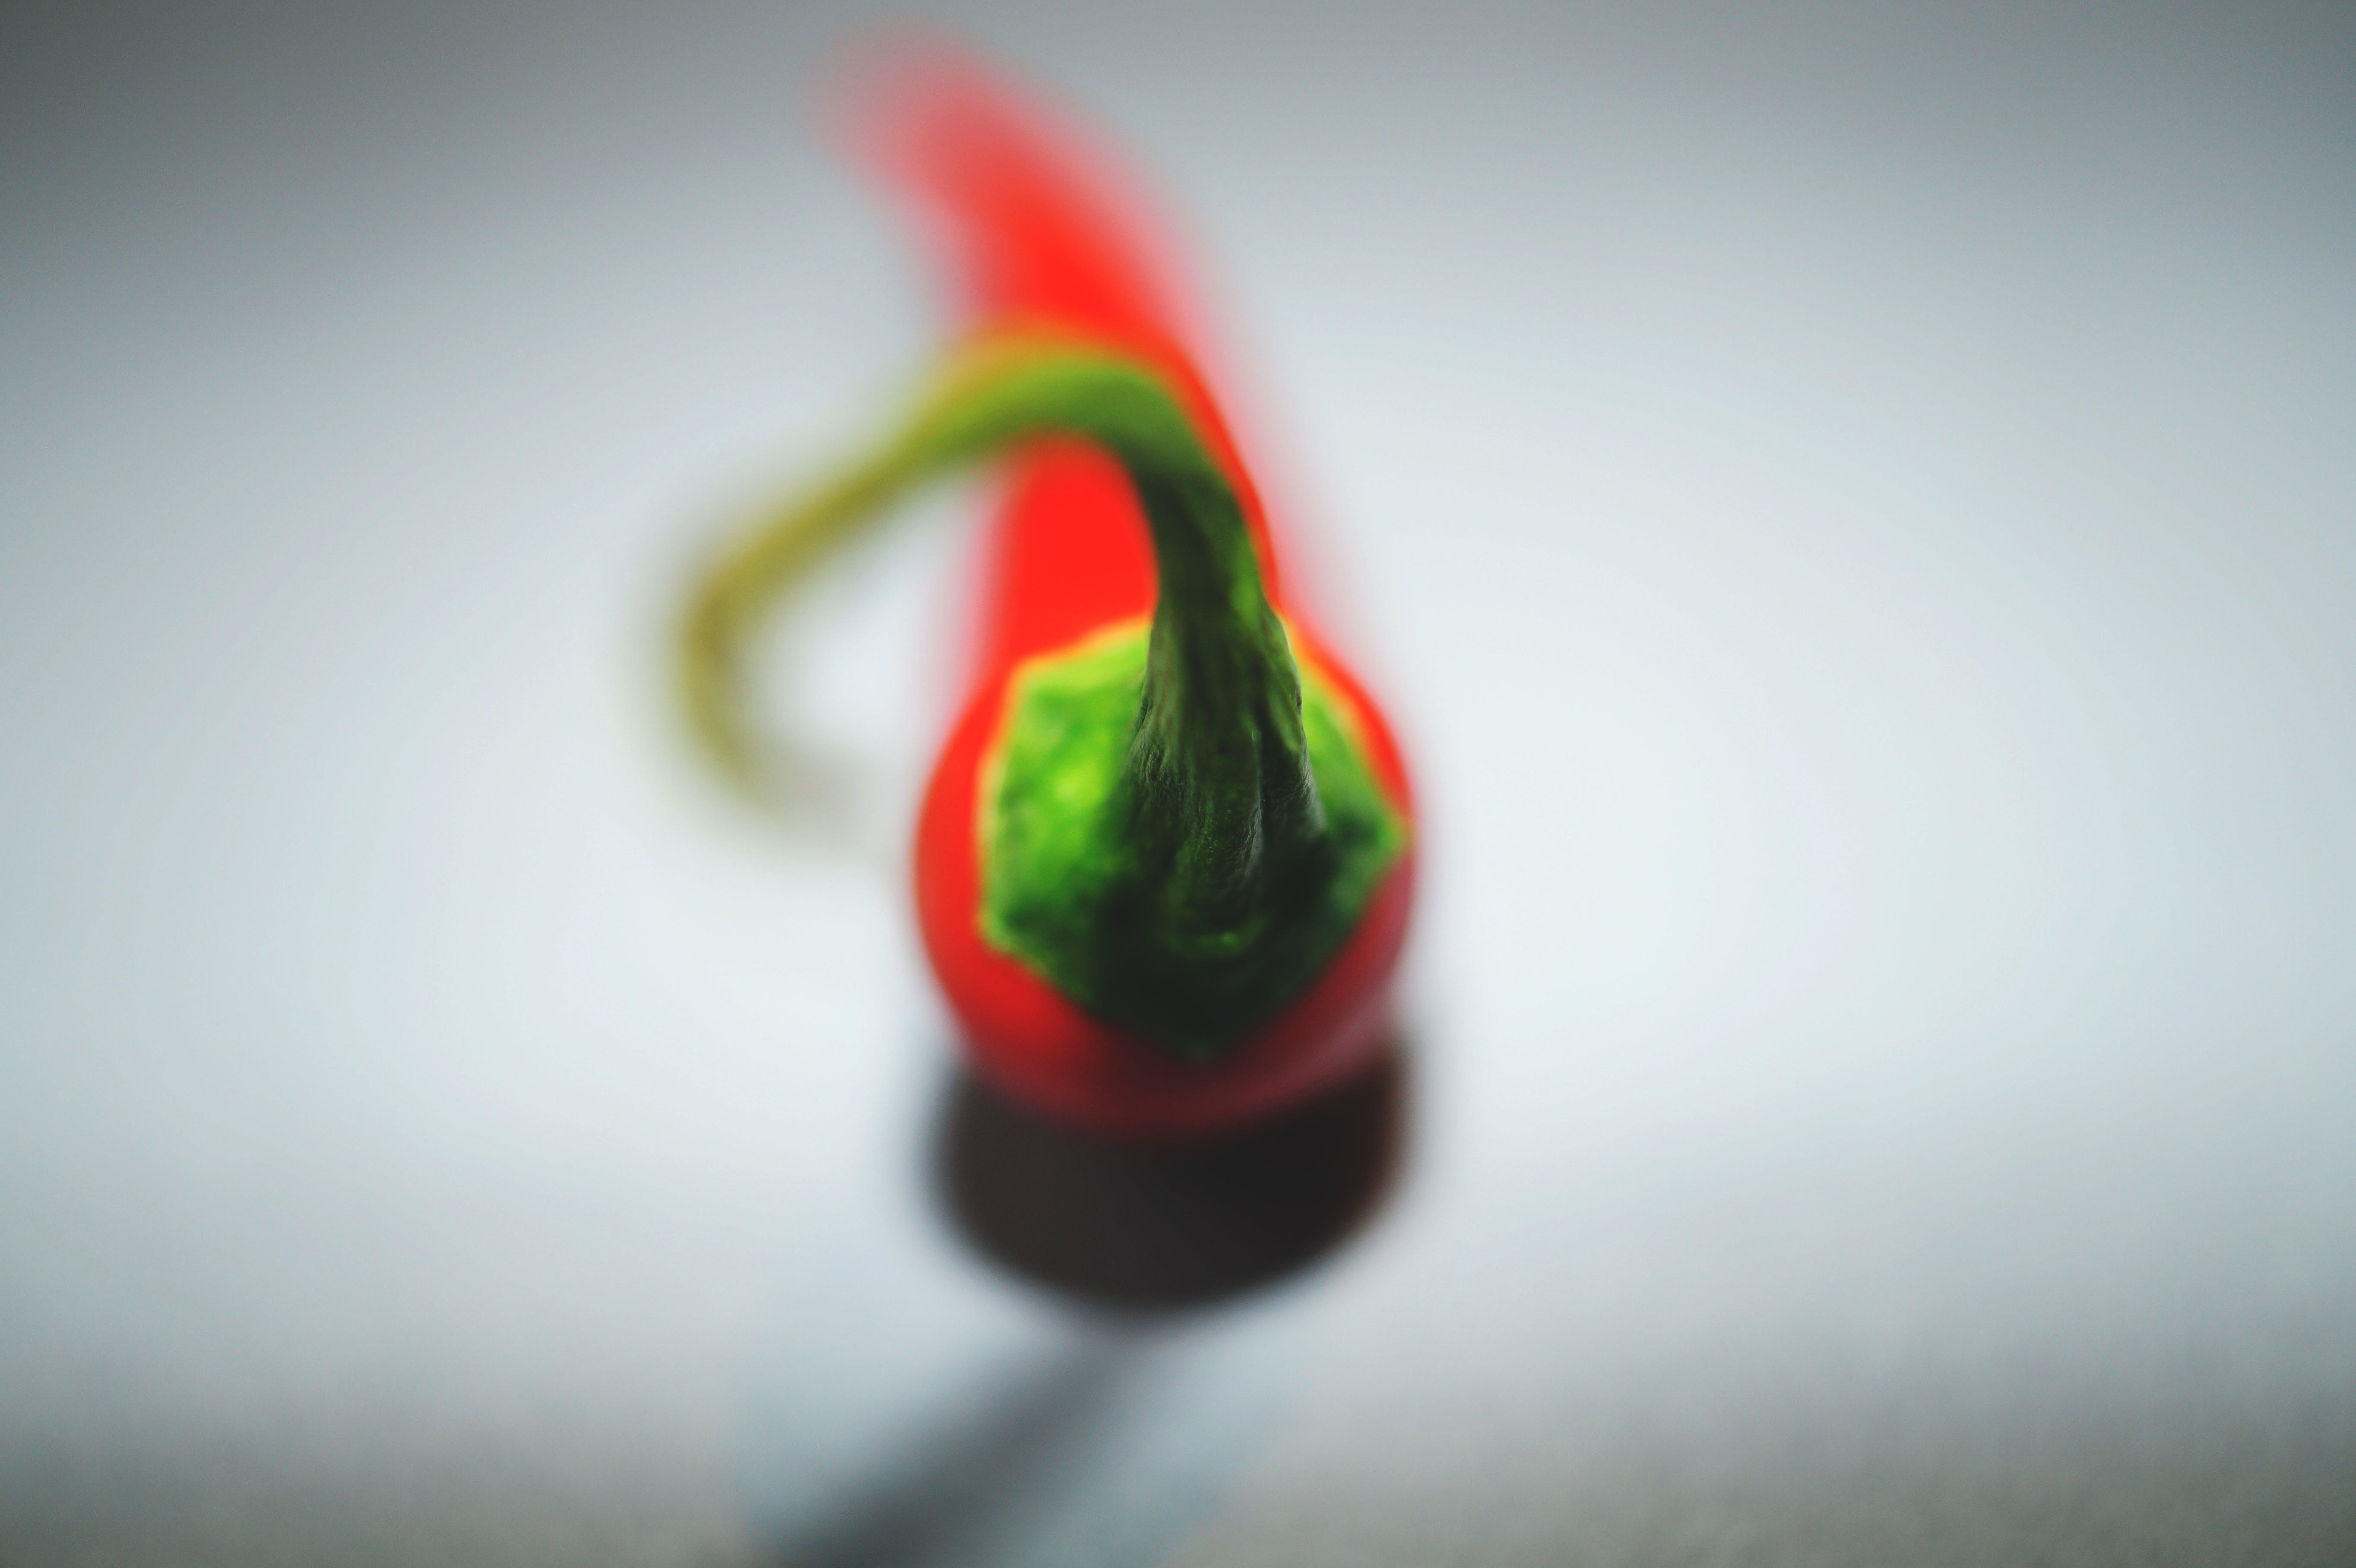 blur, chili, chilli peppers